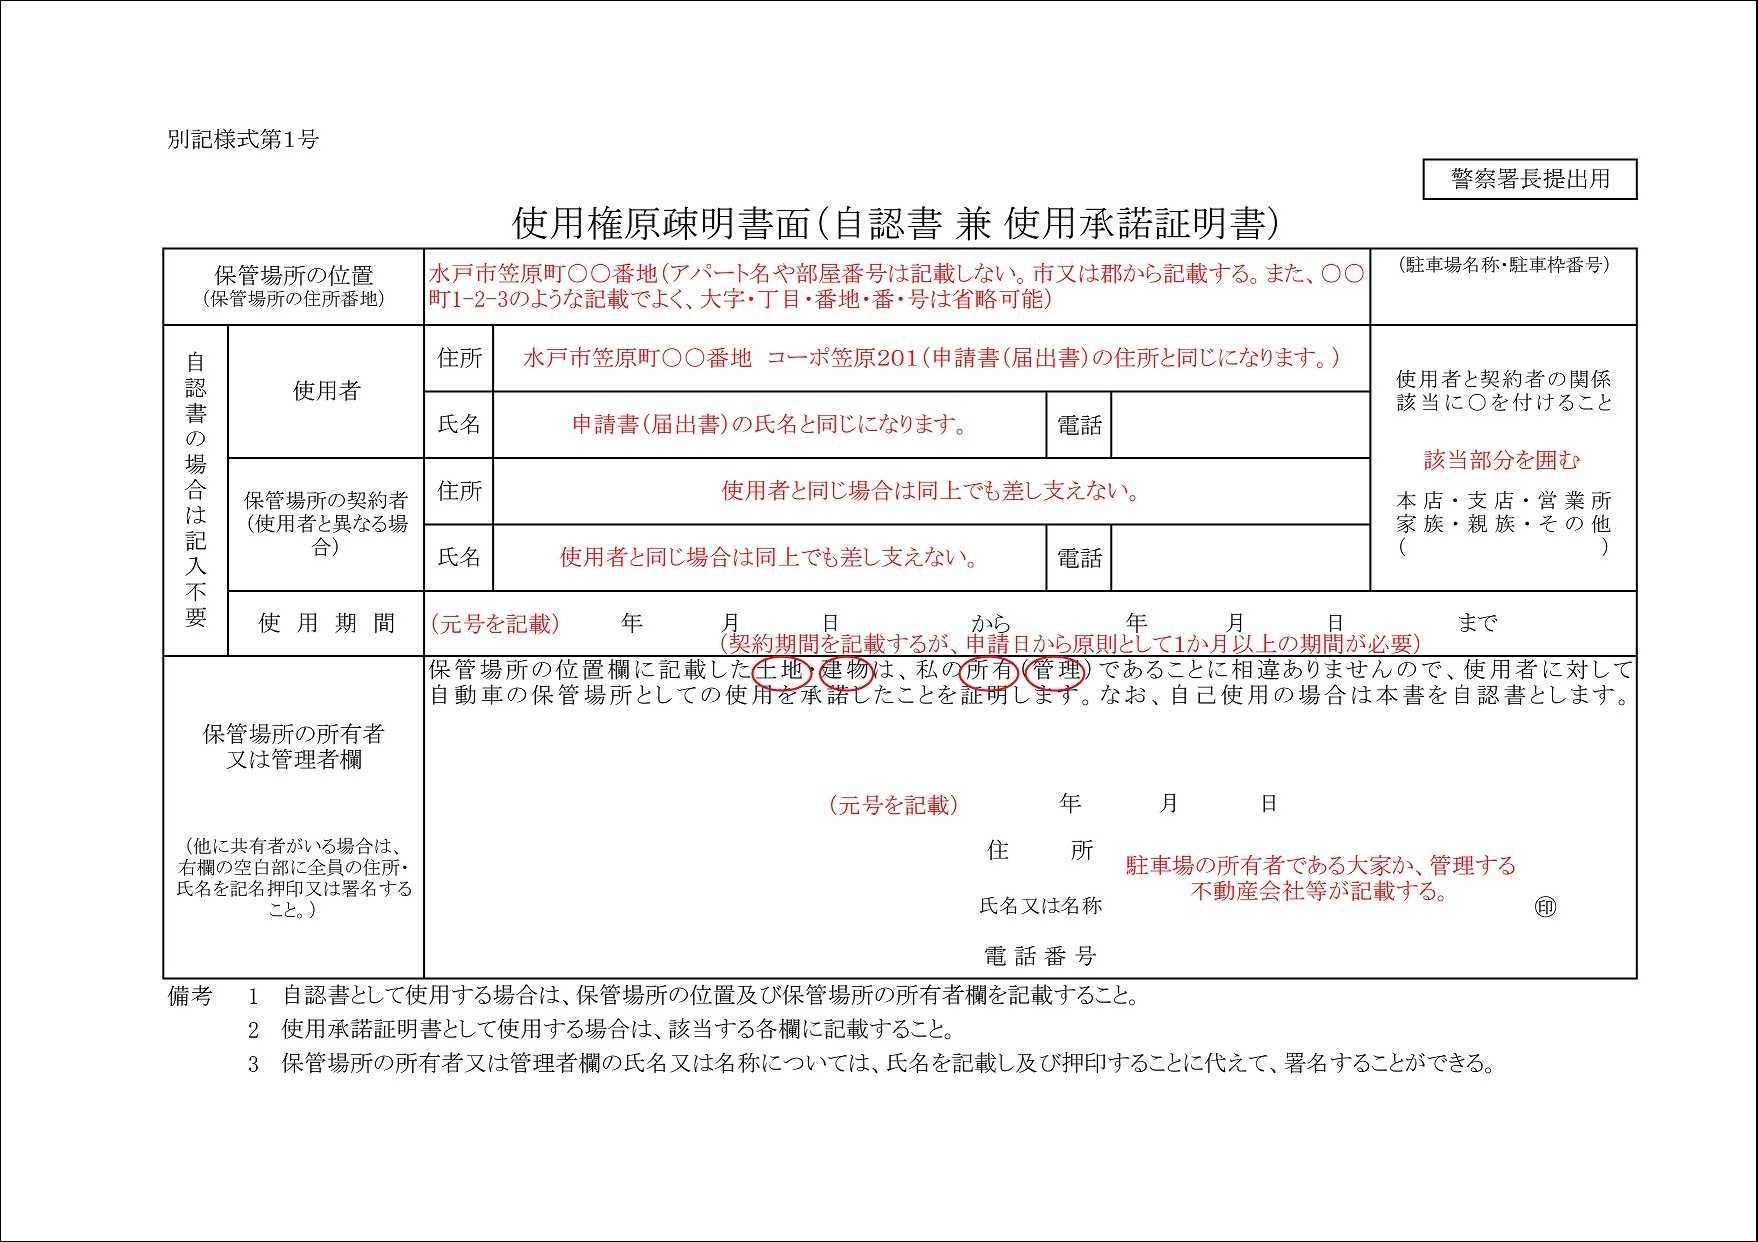 場所 証明 承諾 車 書 使用 保管 車庫証明の必要書類